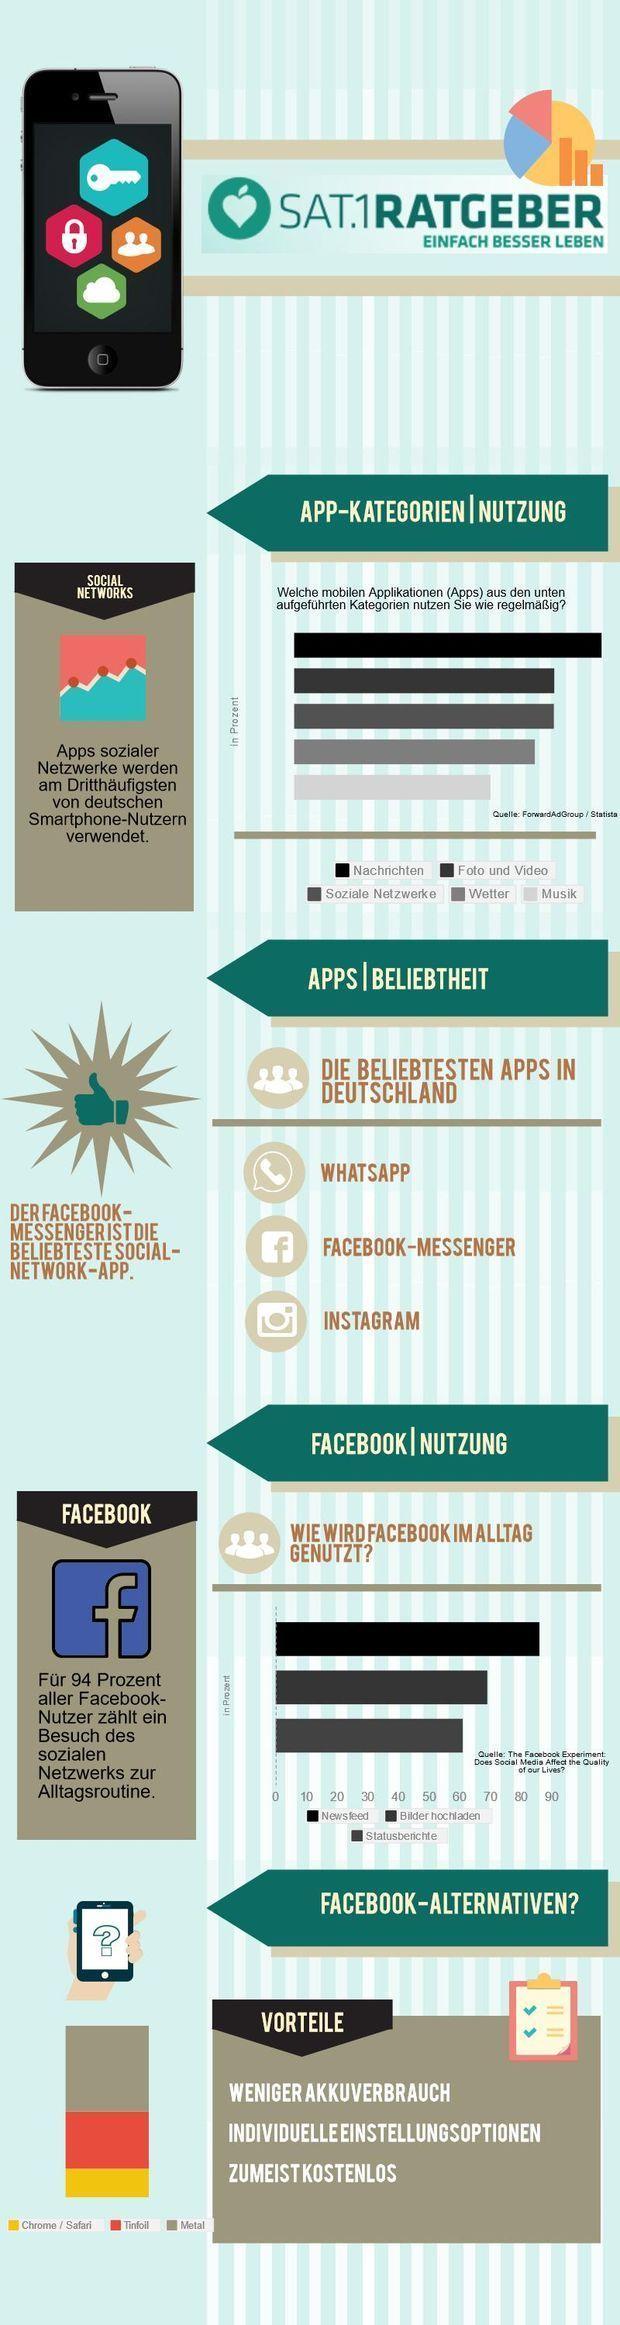 Stromfresser Facebook – So hält der Akku länger!